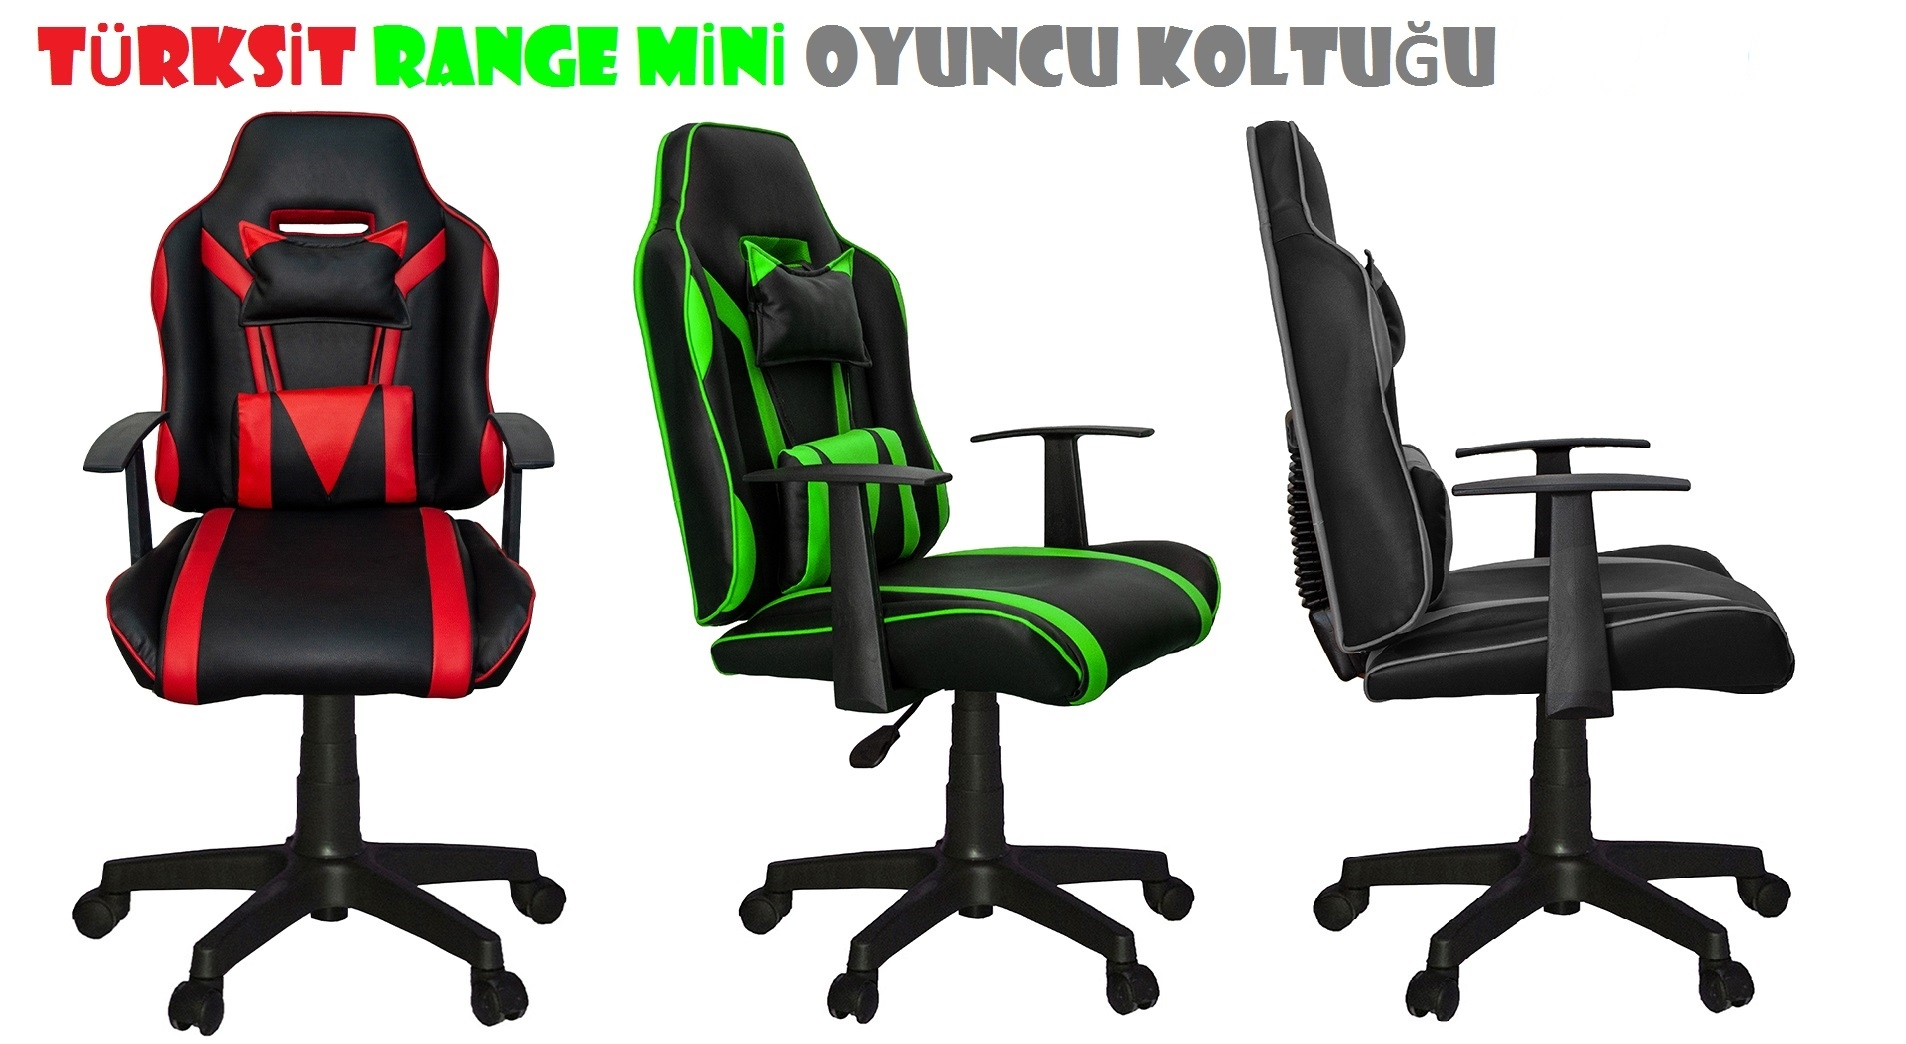 Türksit Range Mini Oyuncu Koltuğu